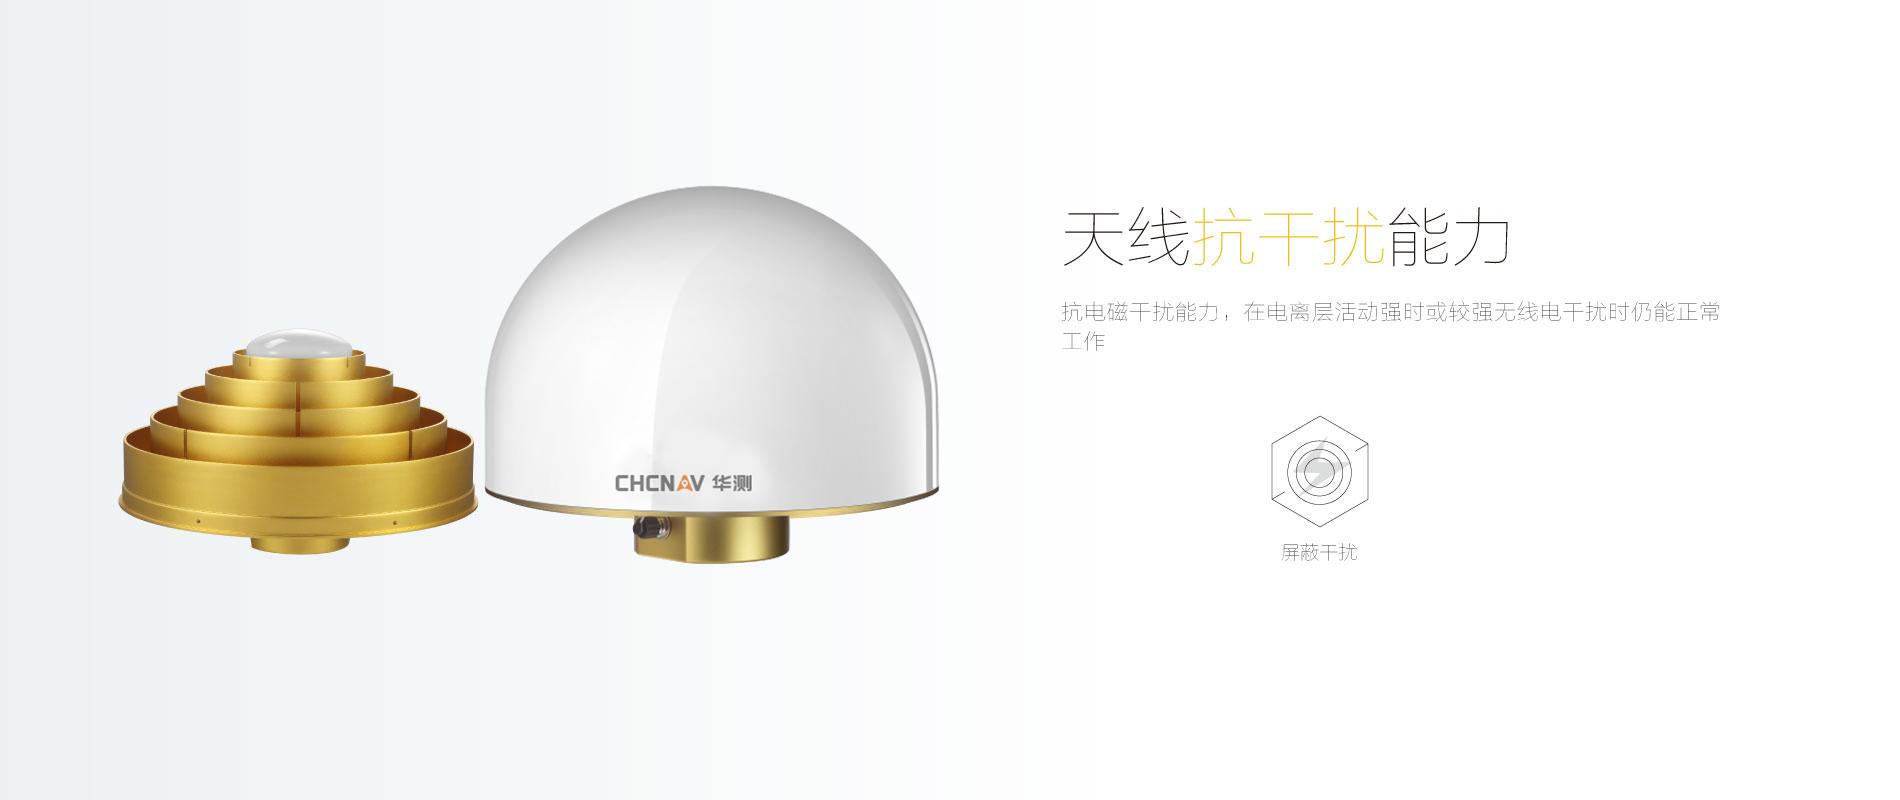 華測導航C220GR 3D扼流圈天線_天線抗幹擾能力強,屏蔽幹擾,